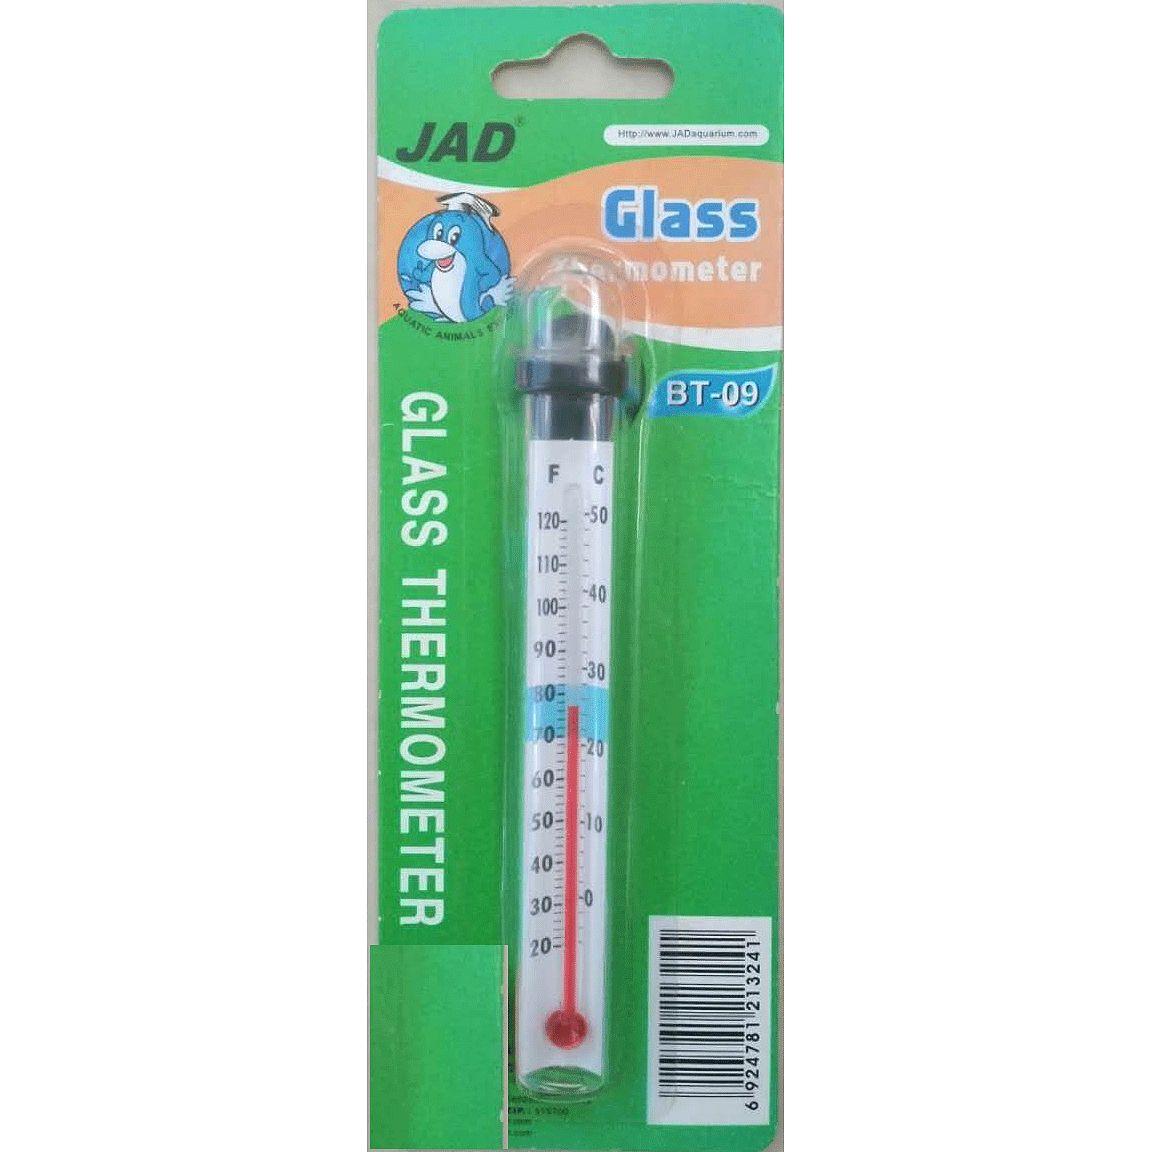 鱼缸精准温度计 水温计 水族箱玻璃温度计乌龟缸海水缸温度计